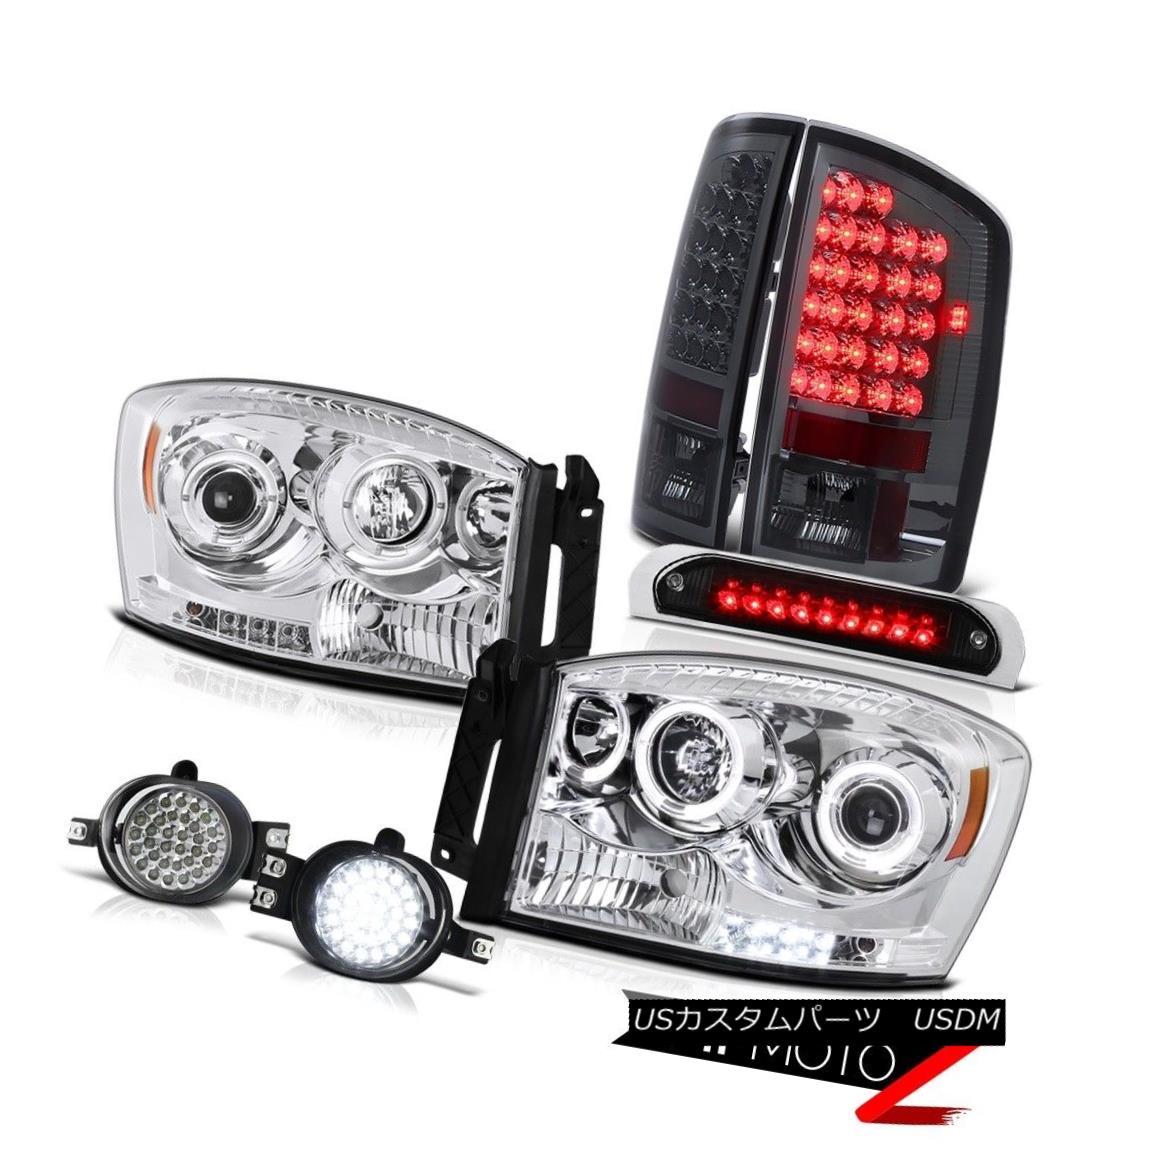 ヘッドライト 07 08 Dodge Ram LED Angel Eye Headlights L.E.D Tail Lights Foglamps Third Brake 07 08 Dodge Ram LEDエンジェルアイヘッドライトL.E.DテールライトFoglamps Third Brake